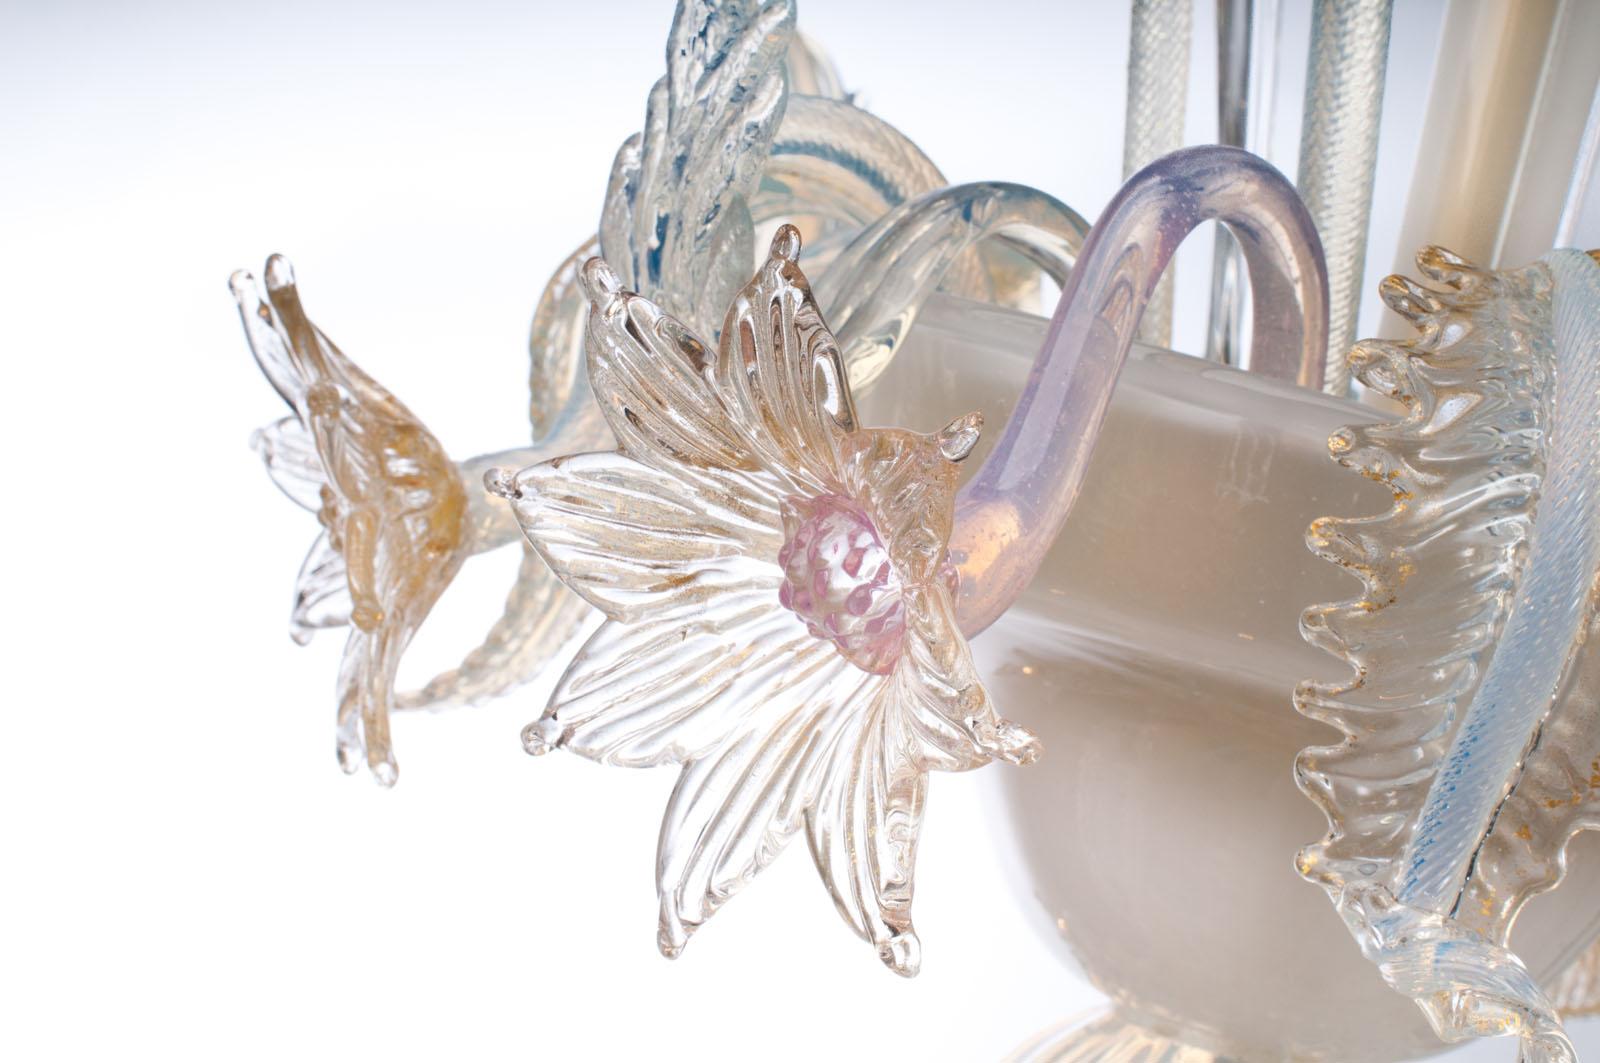 noel-christmas-chandelier-lustre-2012-veronese-11.jpg